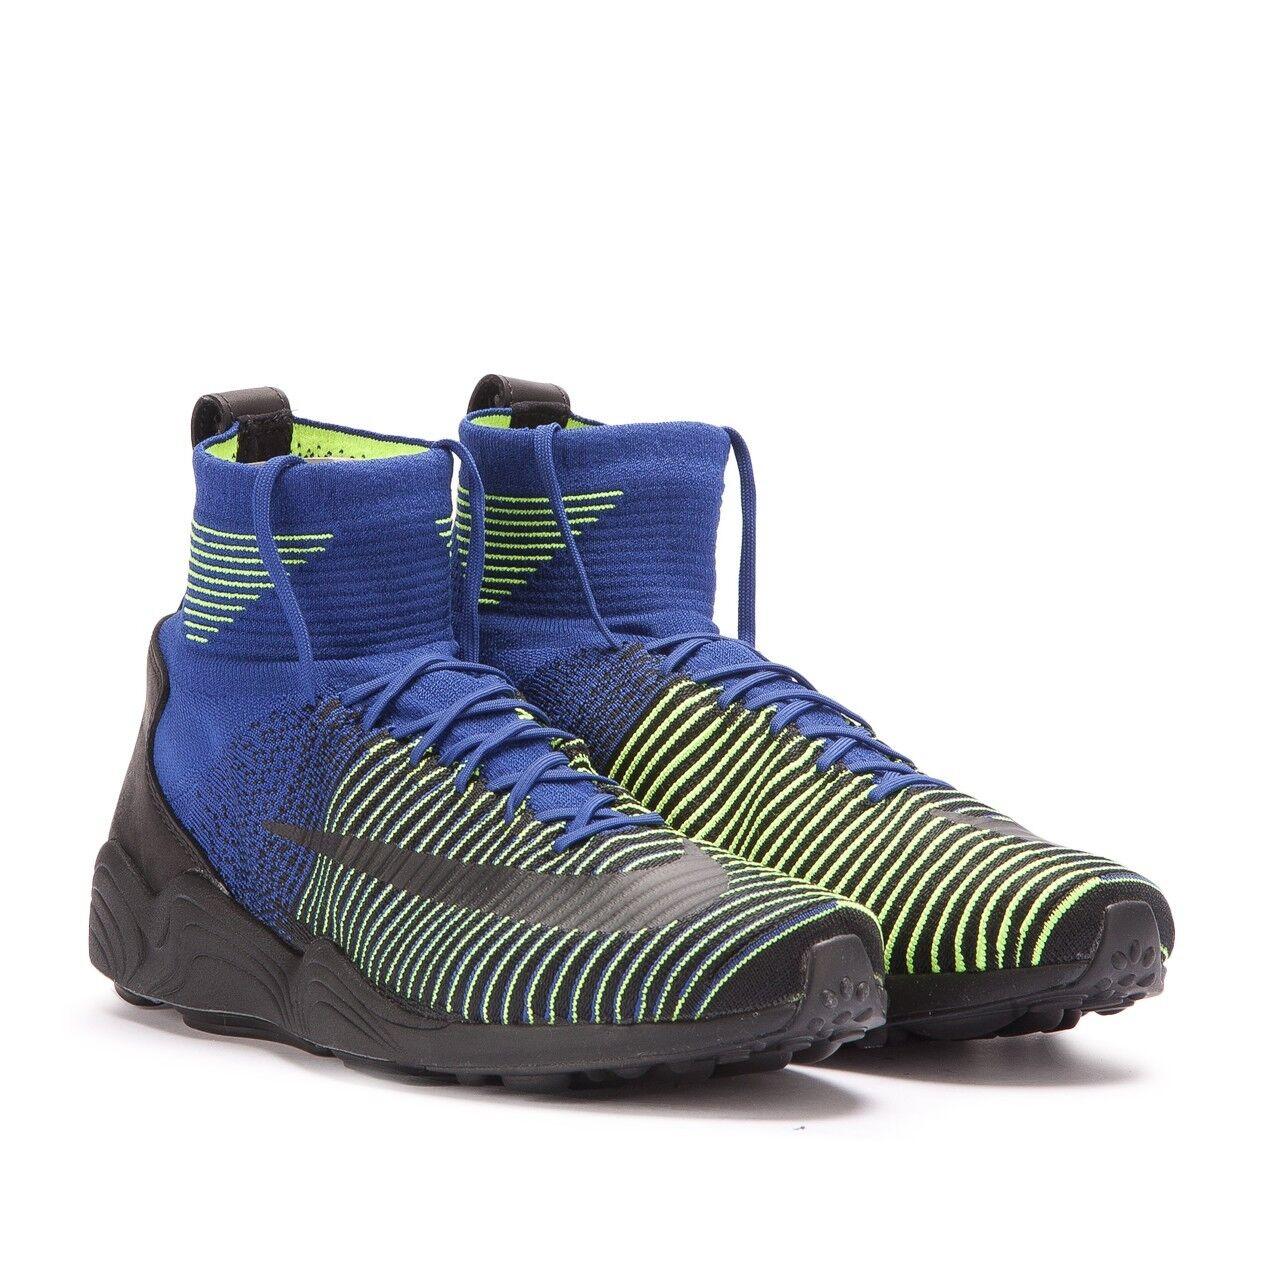 Nike zoom volubile xi fk - 9 o donne in fretta